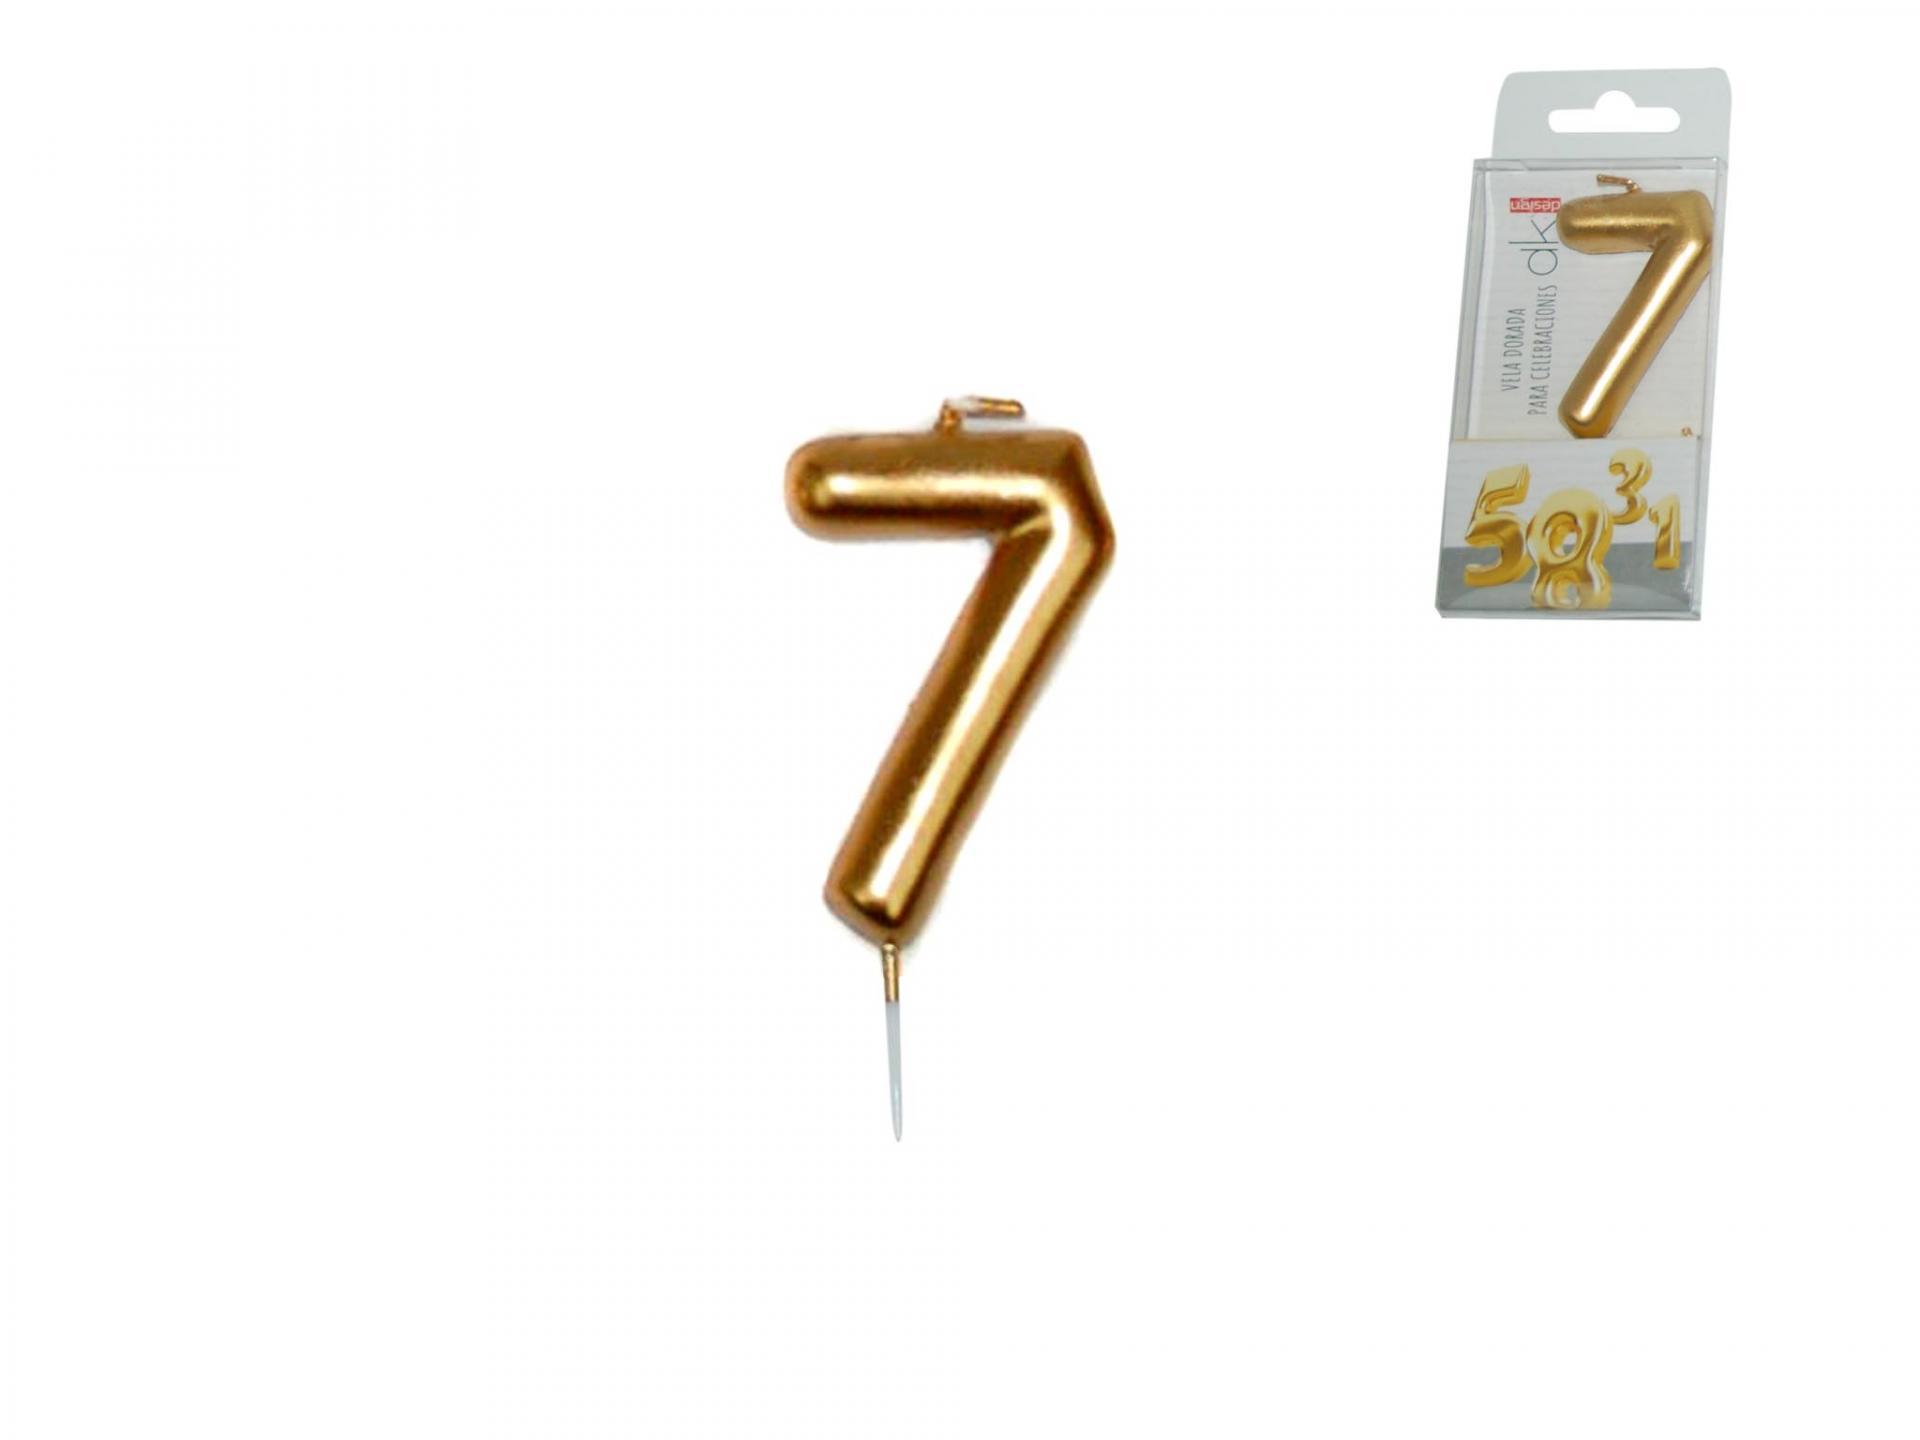 Vela dorada nº7